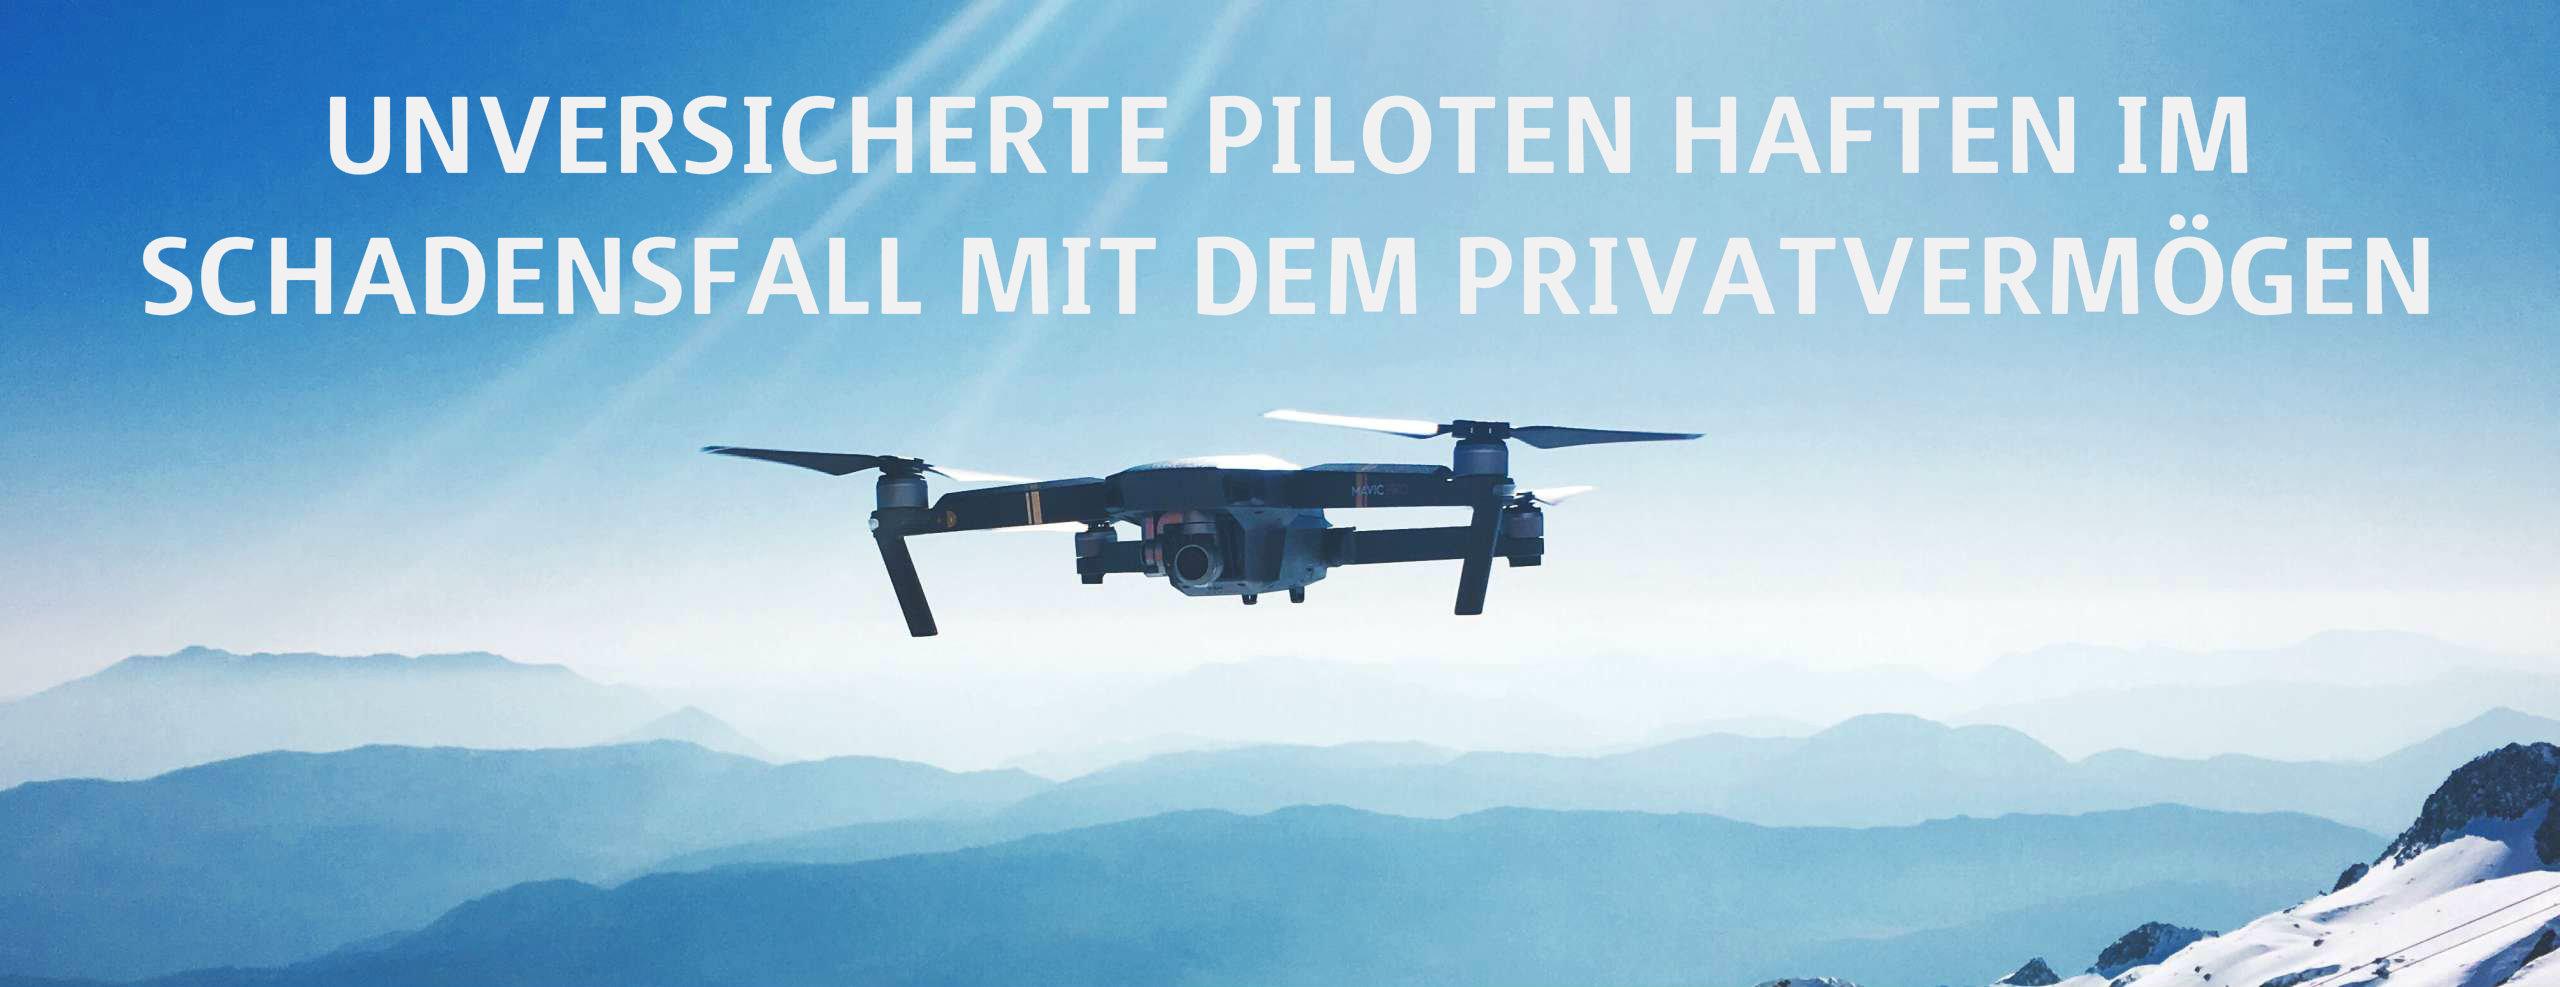 Wer keine Drohnenversicherung besitzt, haftet im Schadensfall mit dem Privatvermögen